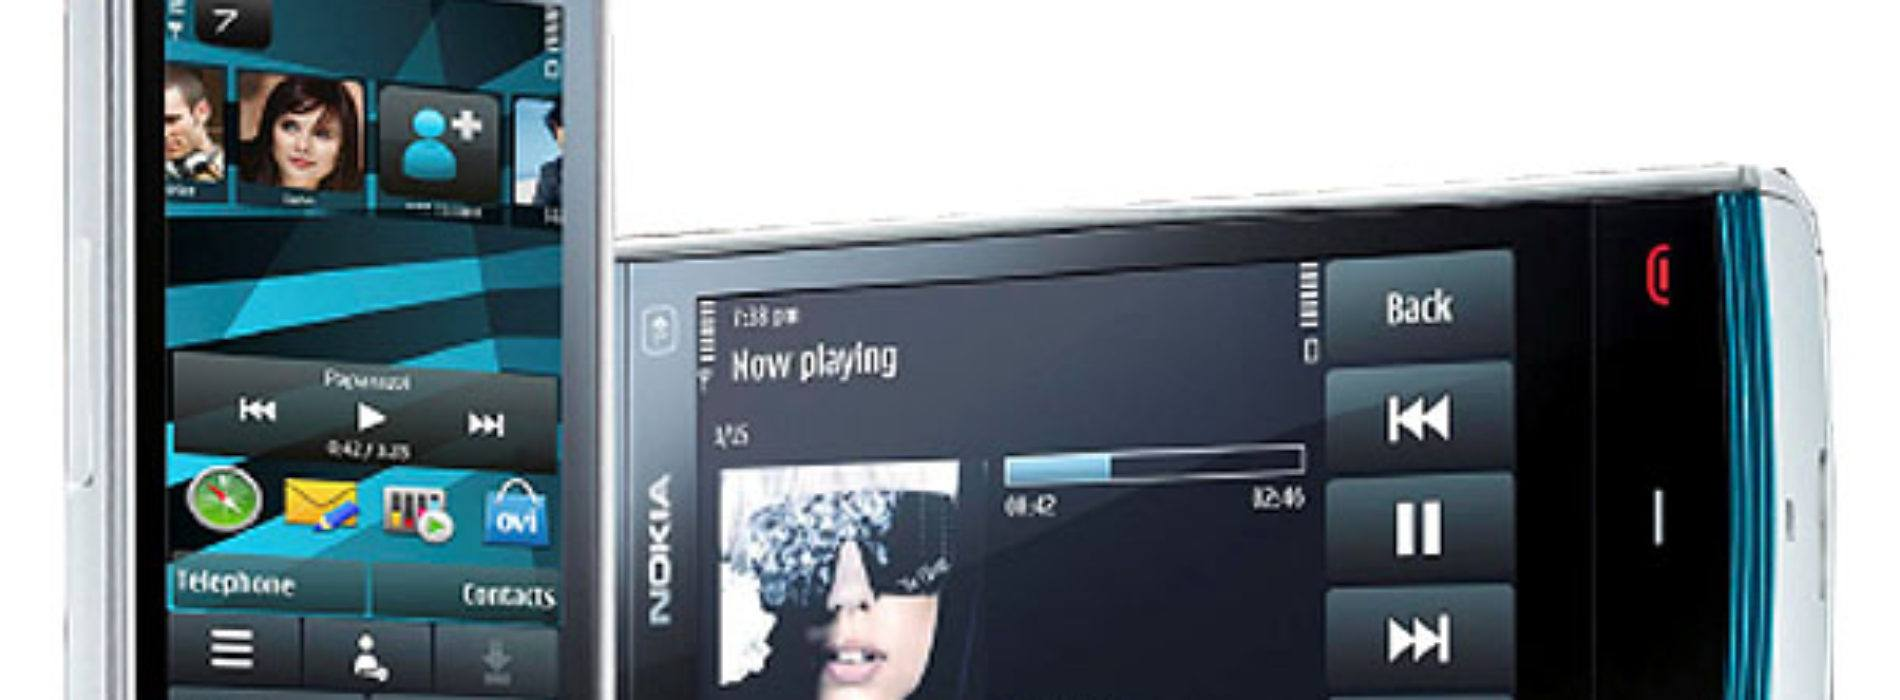 El X6, el smartphone de Nokia